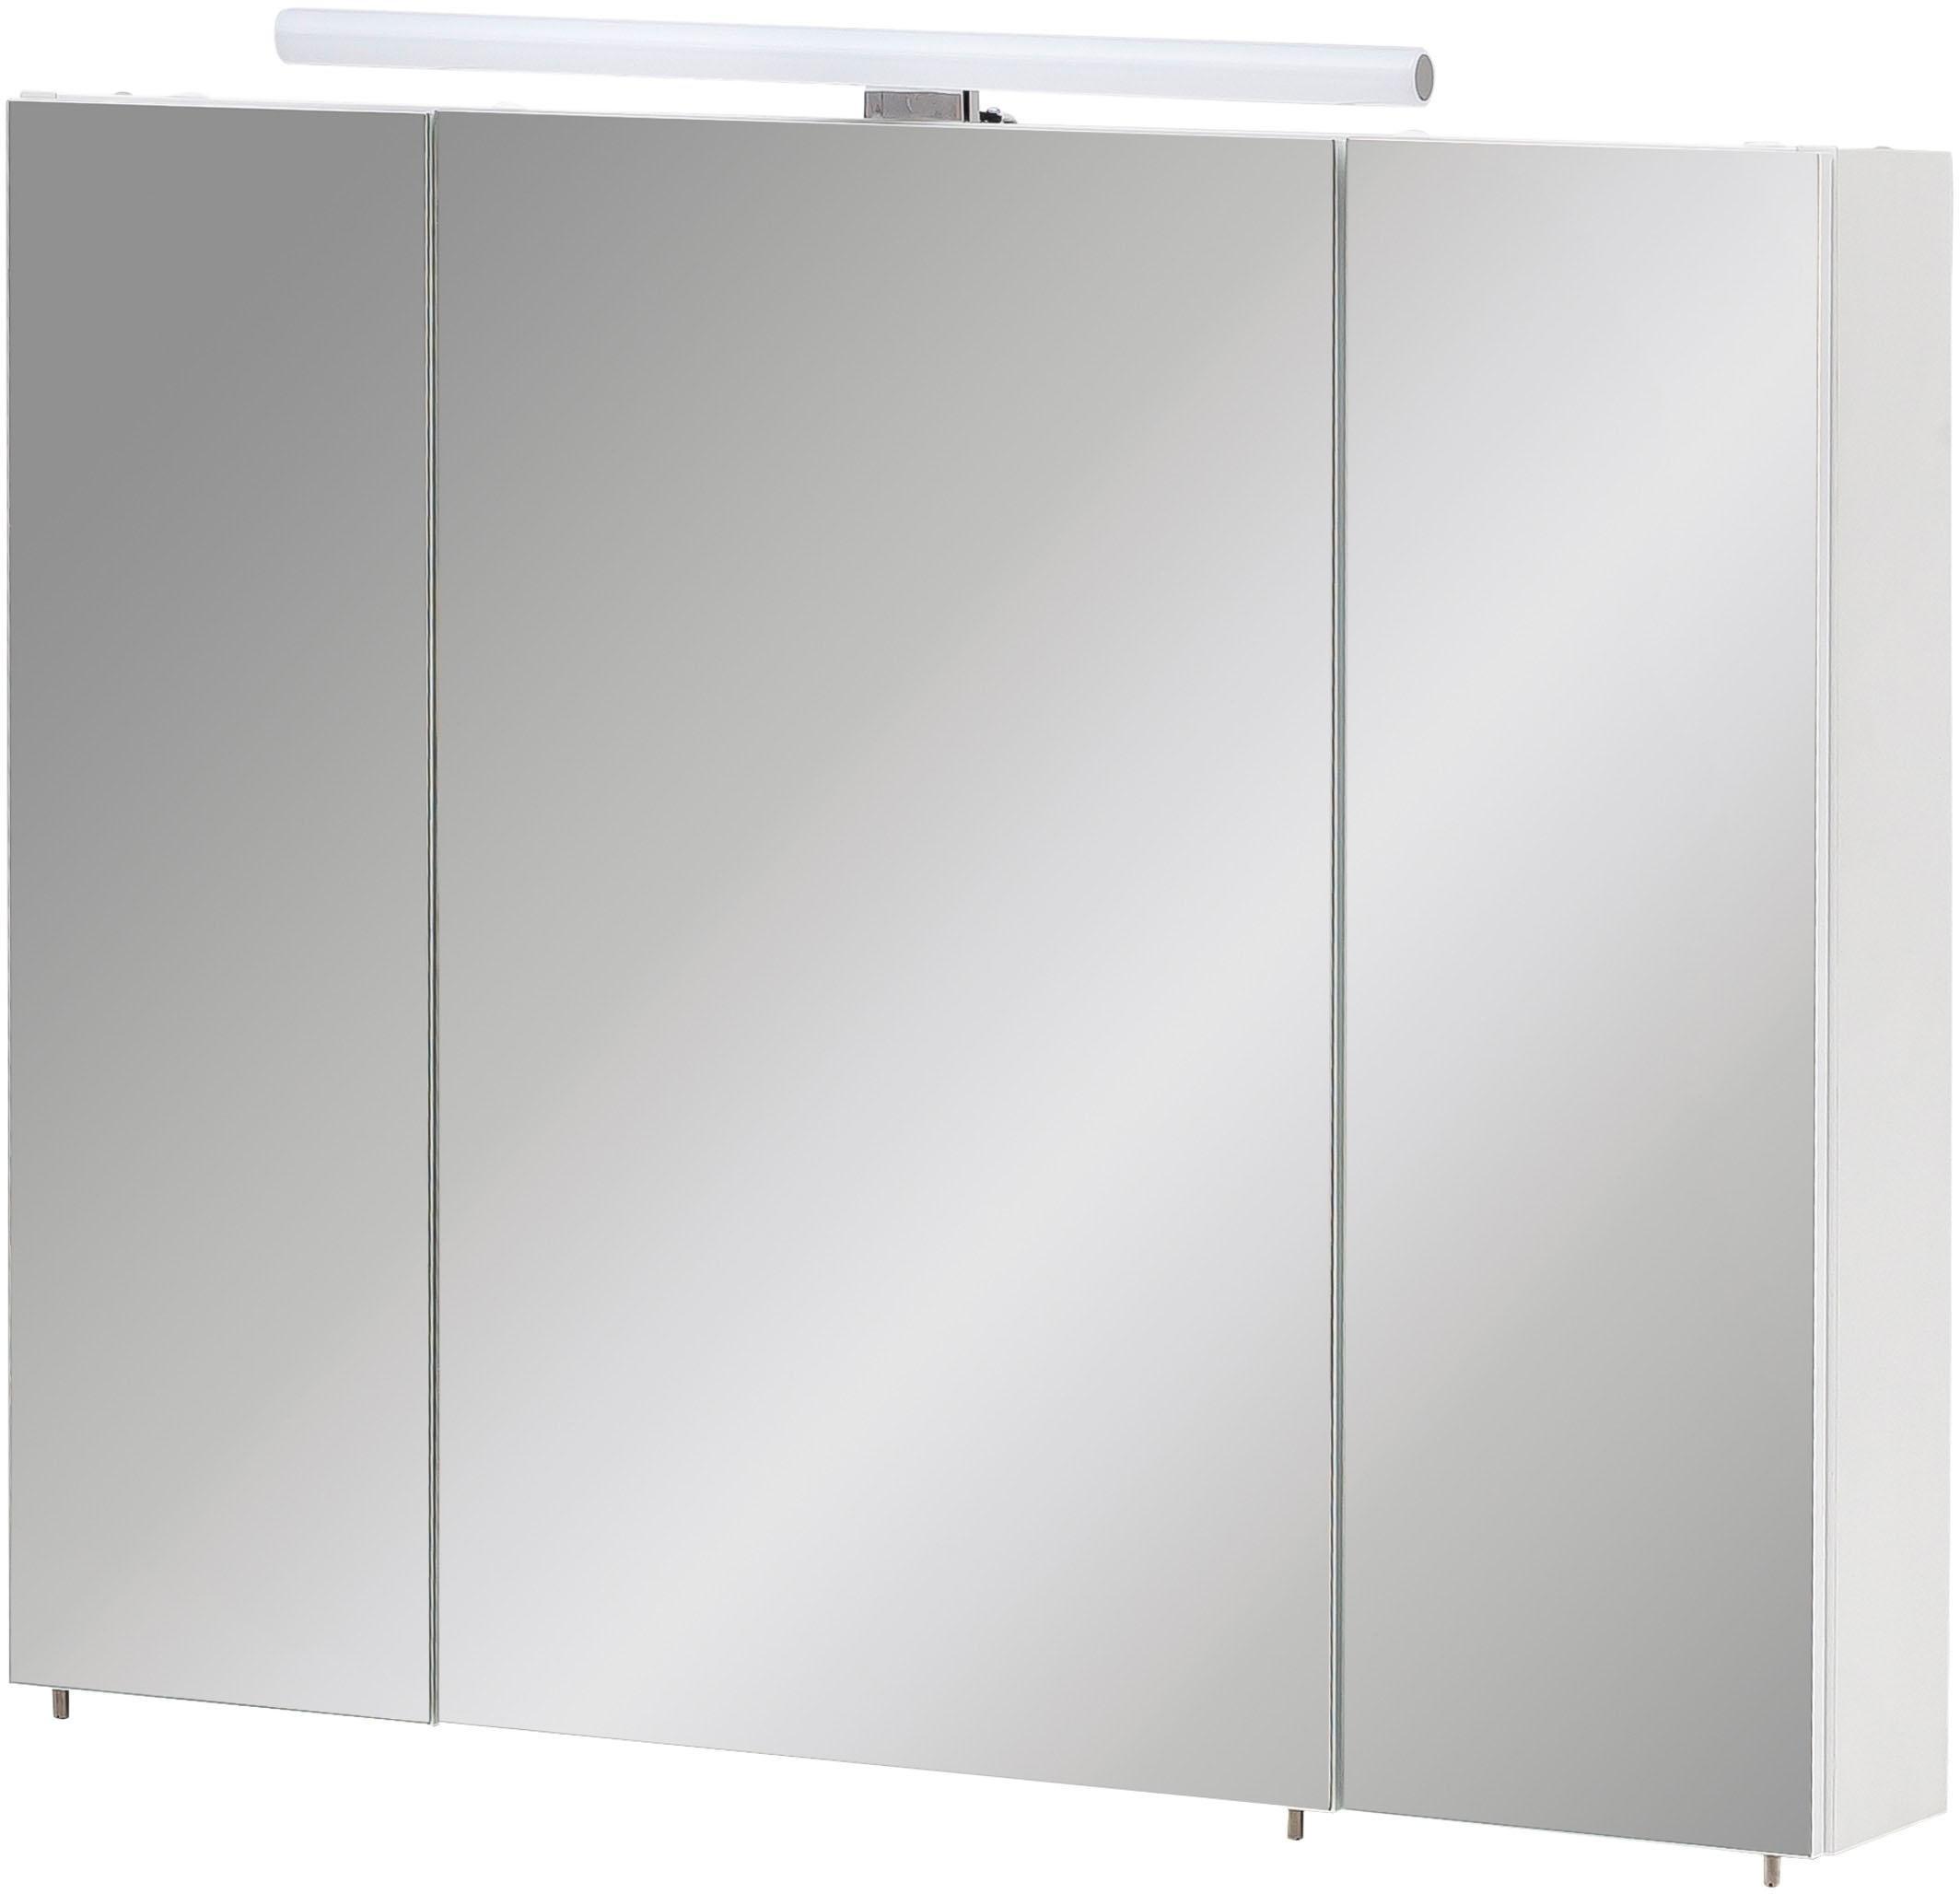 Schildmeyer Spiegelkast Nikosia Breedte 80 cm, 3-deurs, ledverlichting, schakelaar-/stekkerdoos, glasplateaus, Made in Germany online kopen op otto.nl